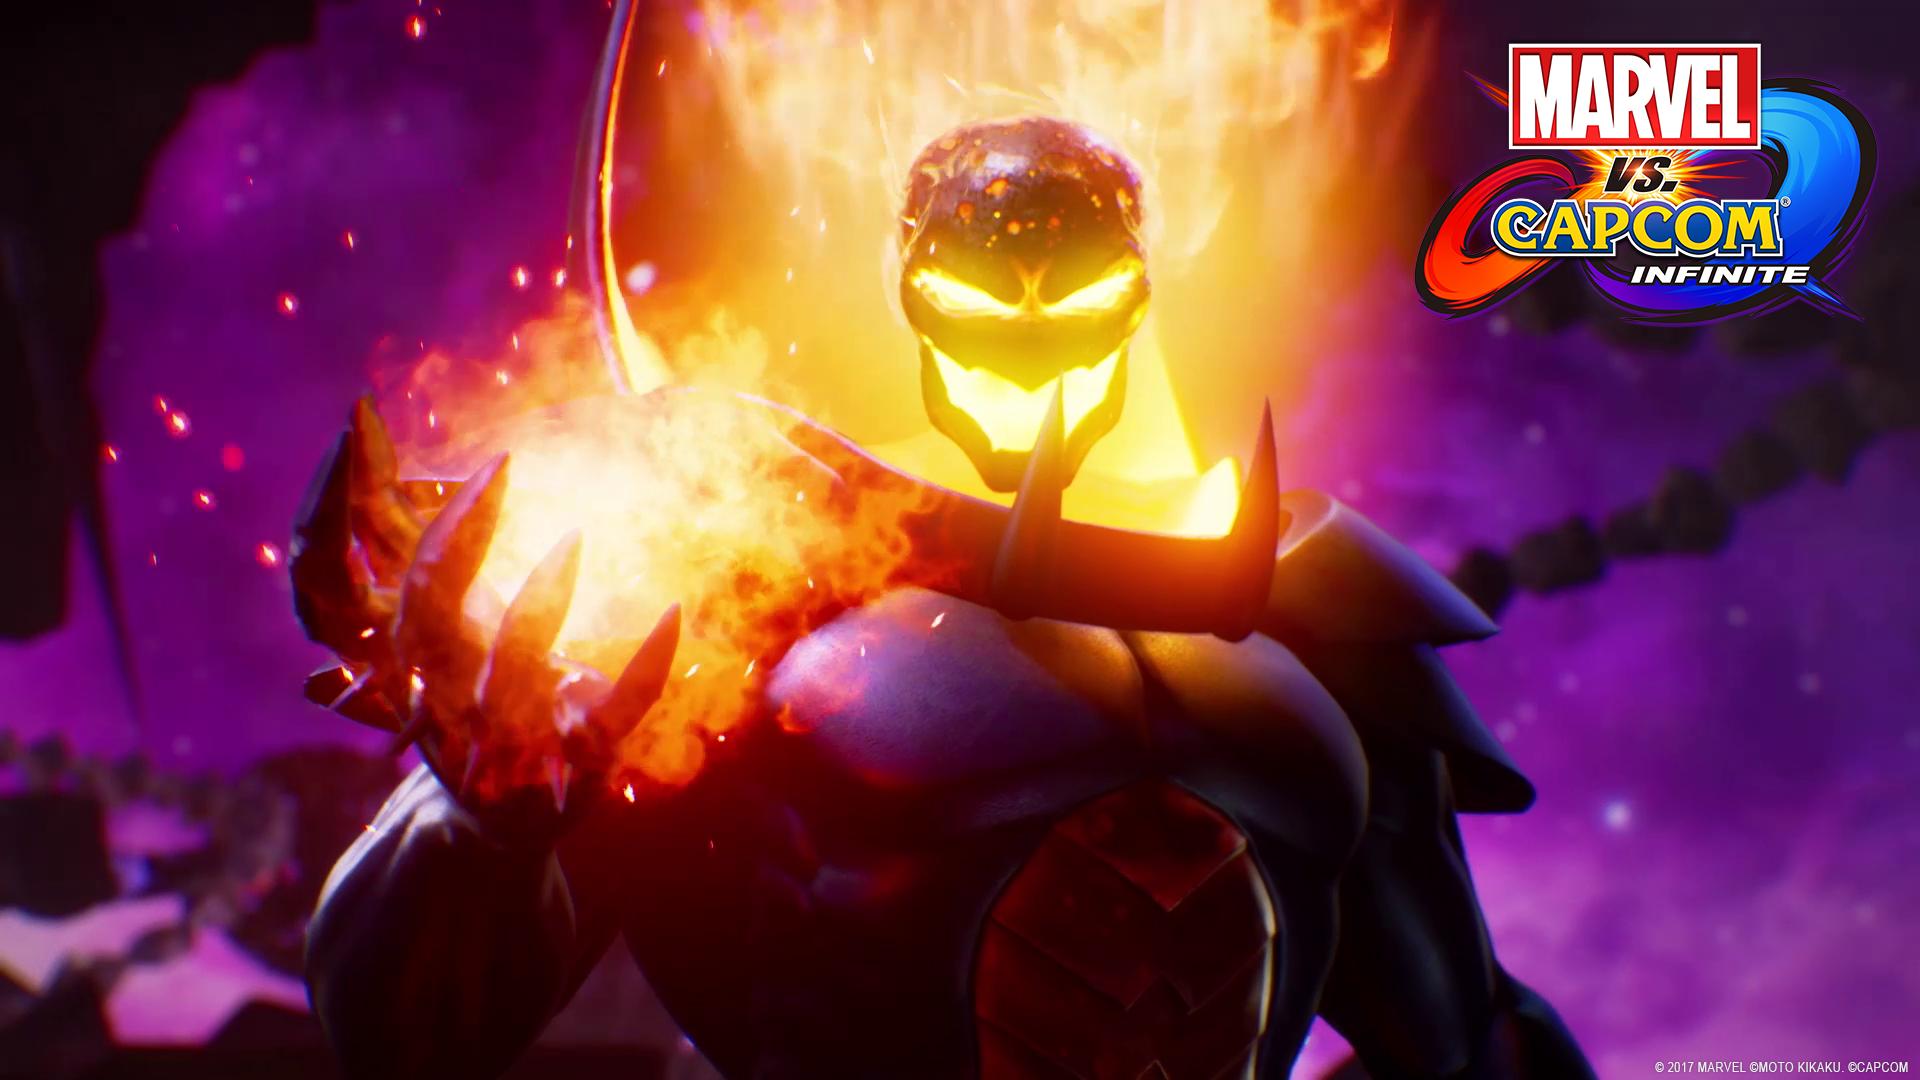 Marvel Vs Capcom Infinite Screen 3